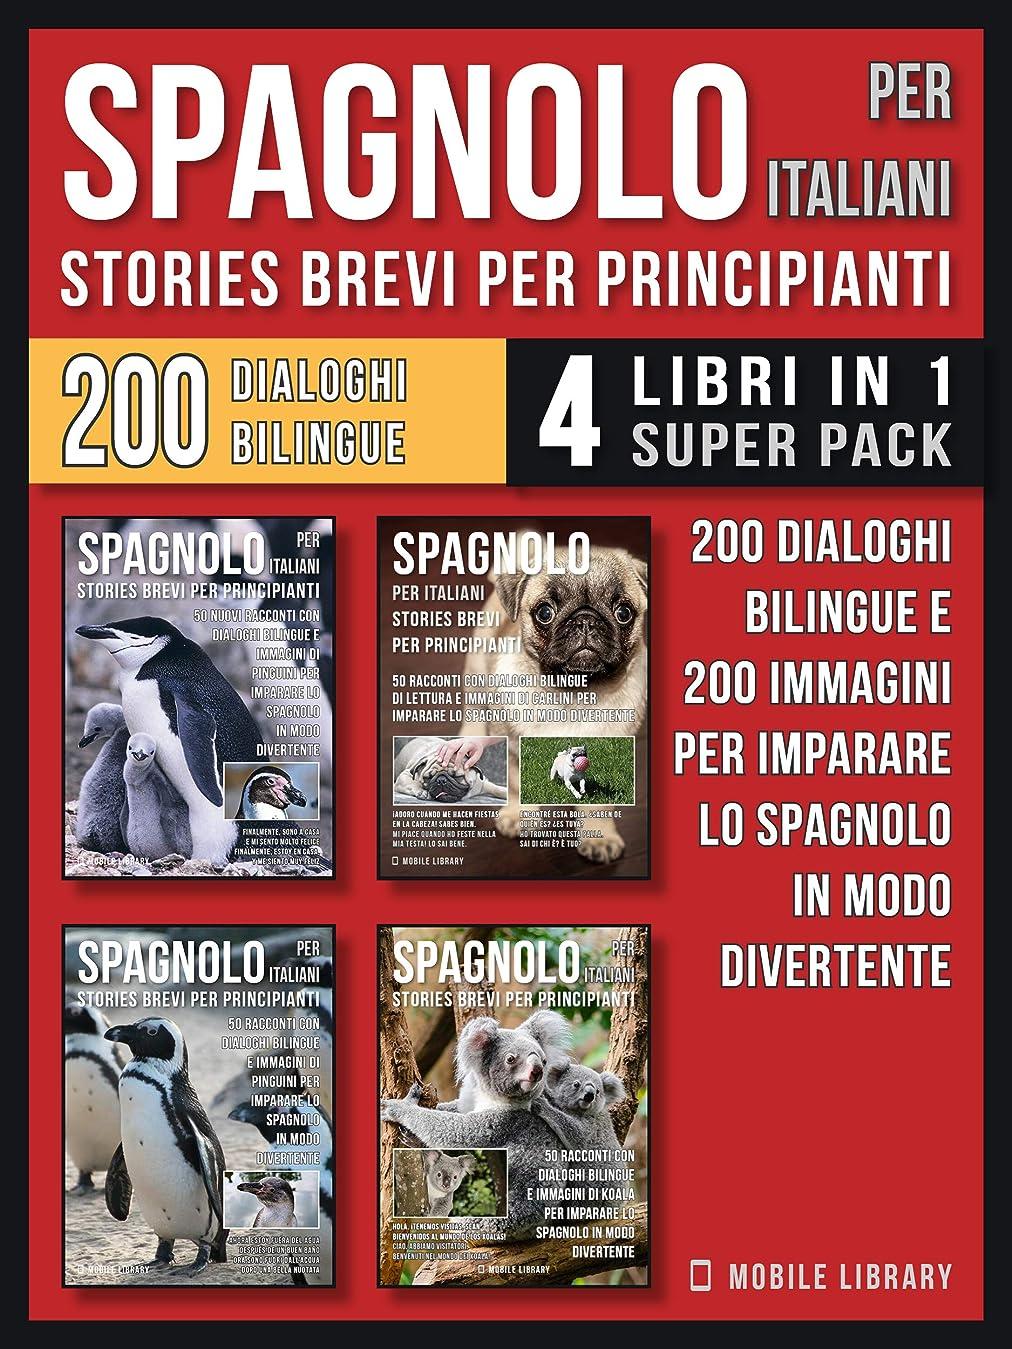 旅超音速腰Spagnolo Per Italiani (Stories Brevi Per Principianti) - (4 libri in 1 Super Pack): 200 dialoghi bilingue e 200 immagini per imparare lo spagnolo in modo ... Language Learning Guides) (Italian Edition)